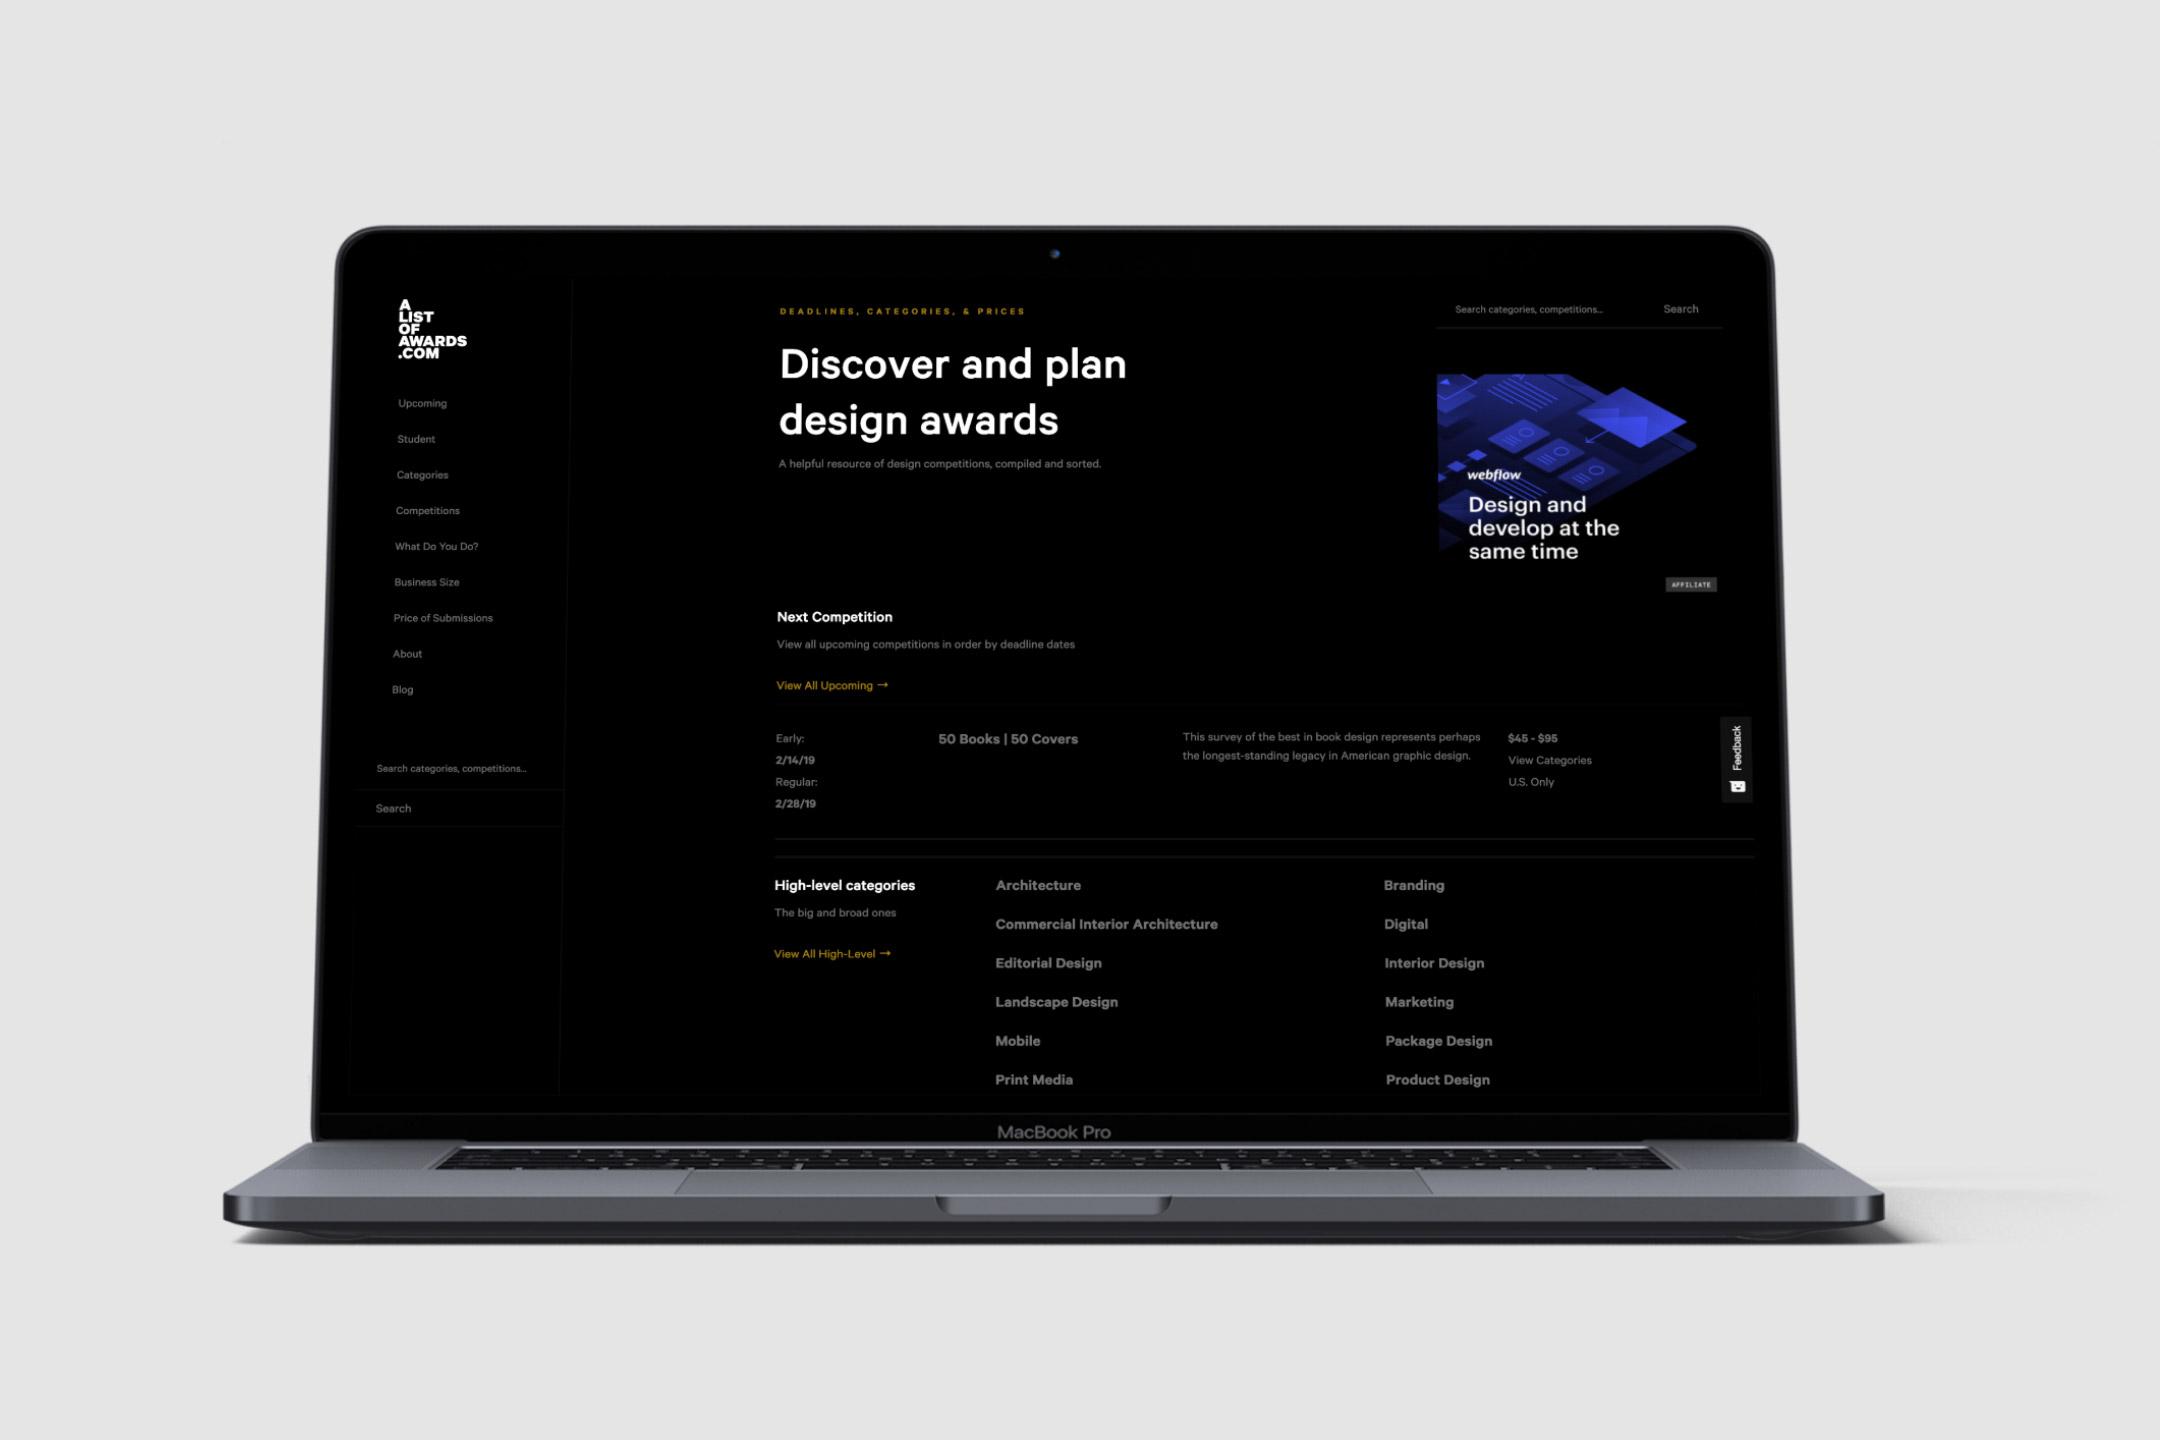 alistofawards.com website design for startup showing home page